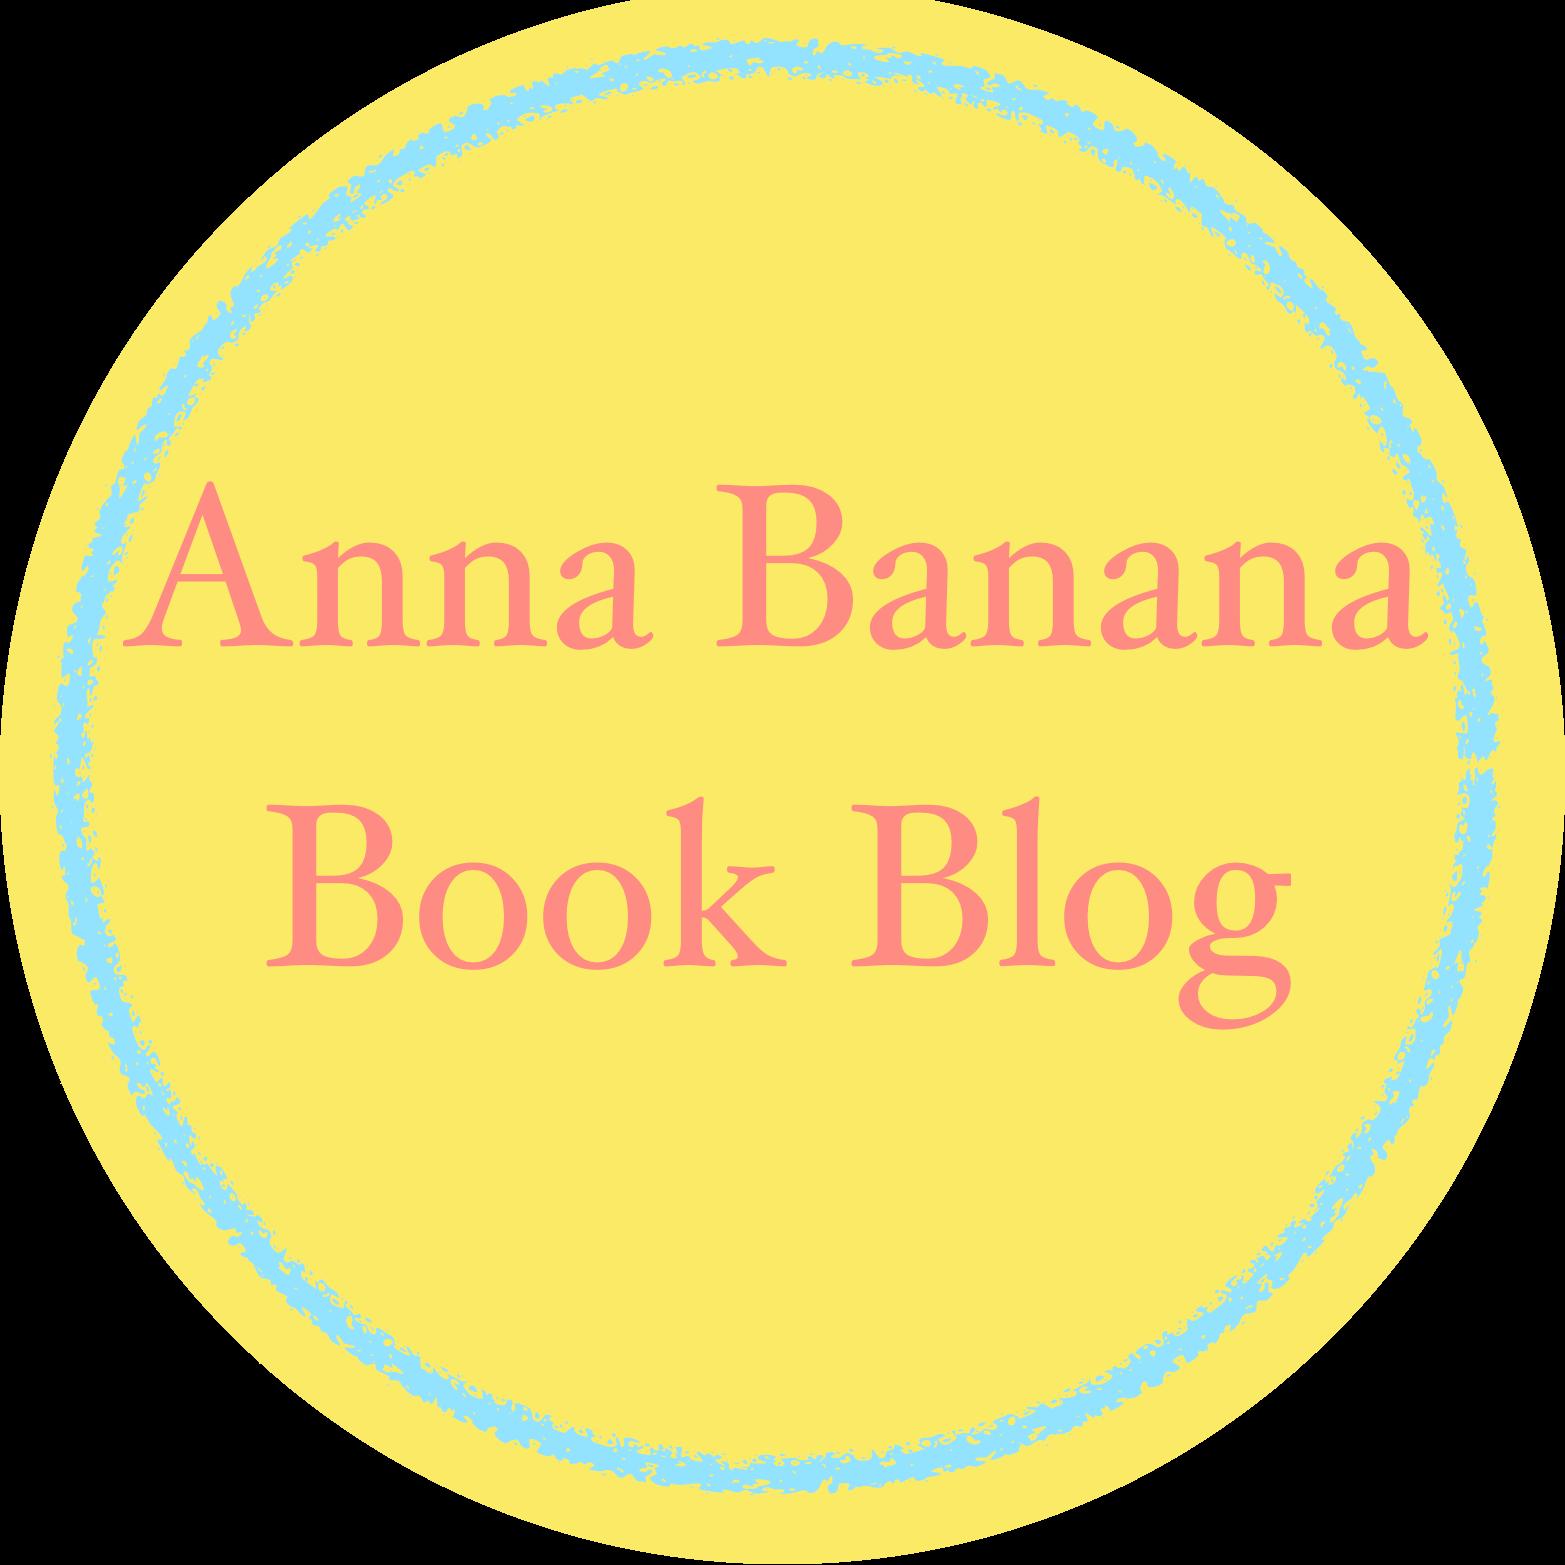 Anna Banana Book Blog